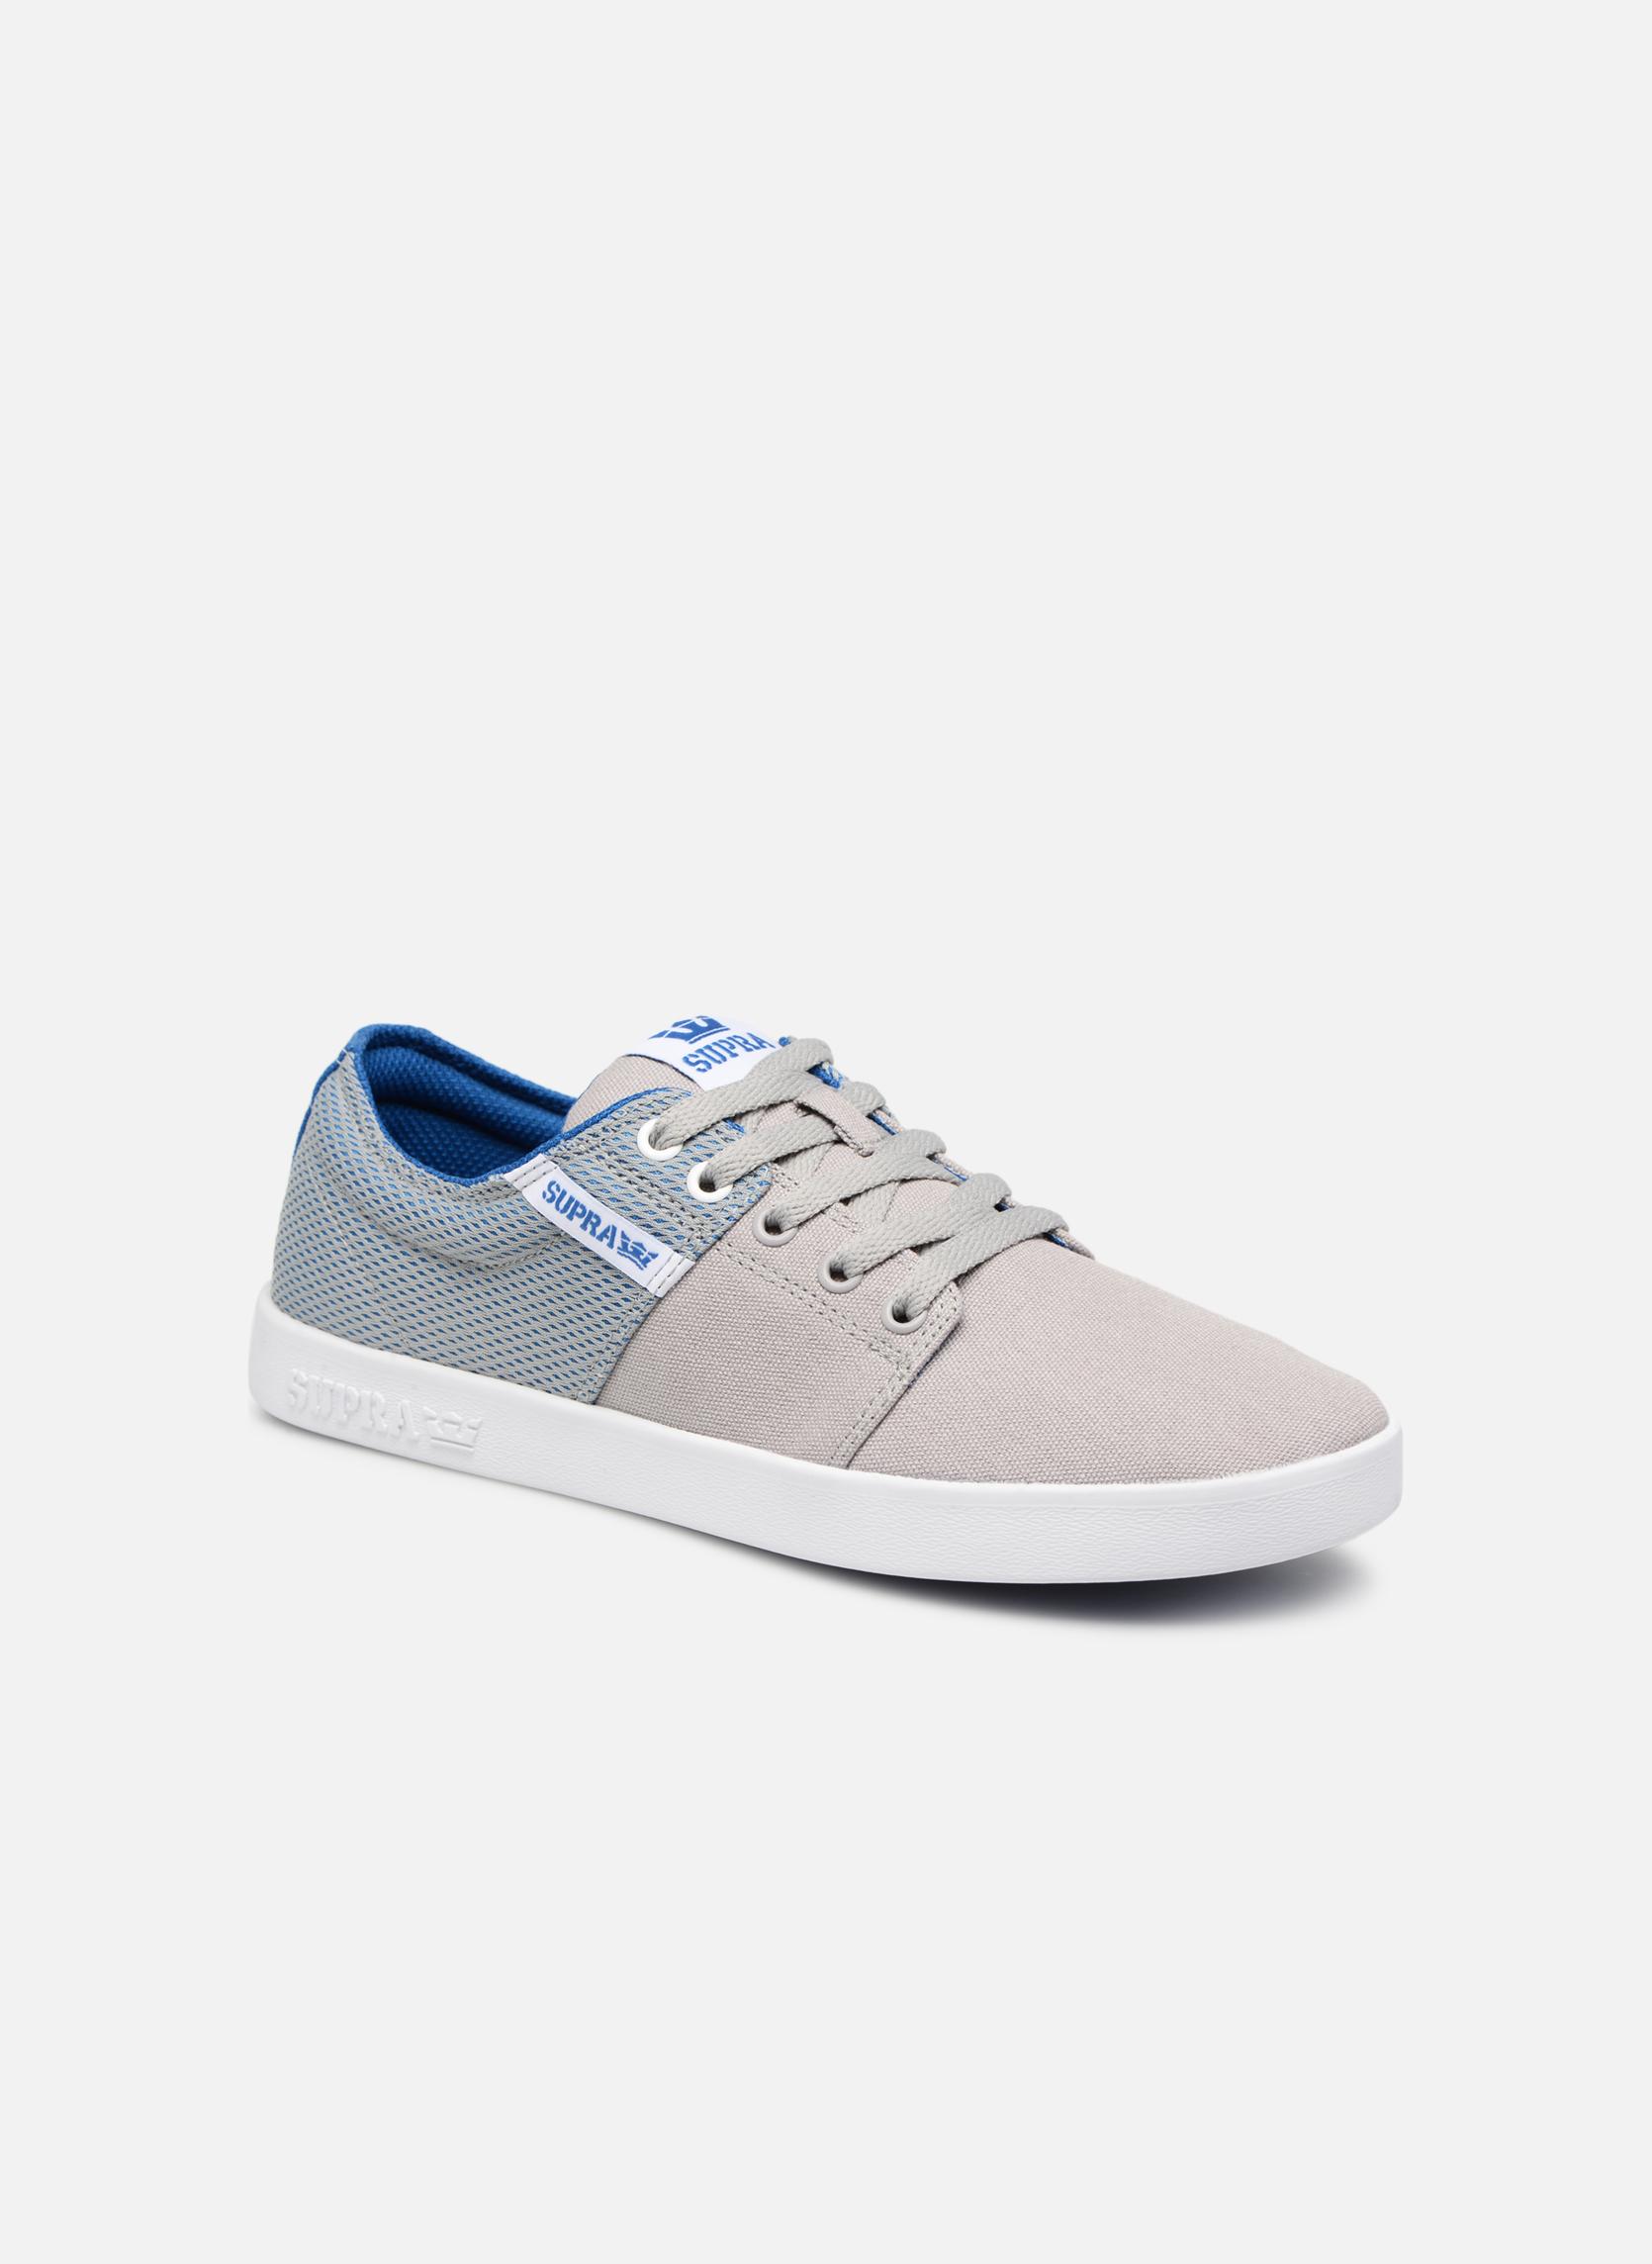 LT Grey/Ocean White